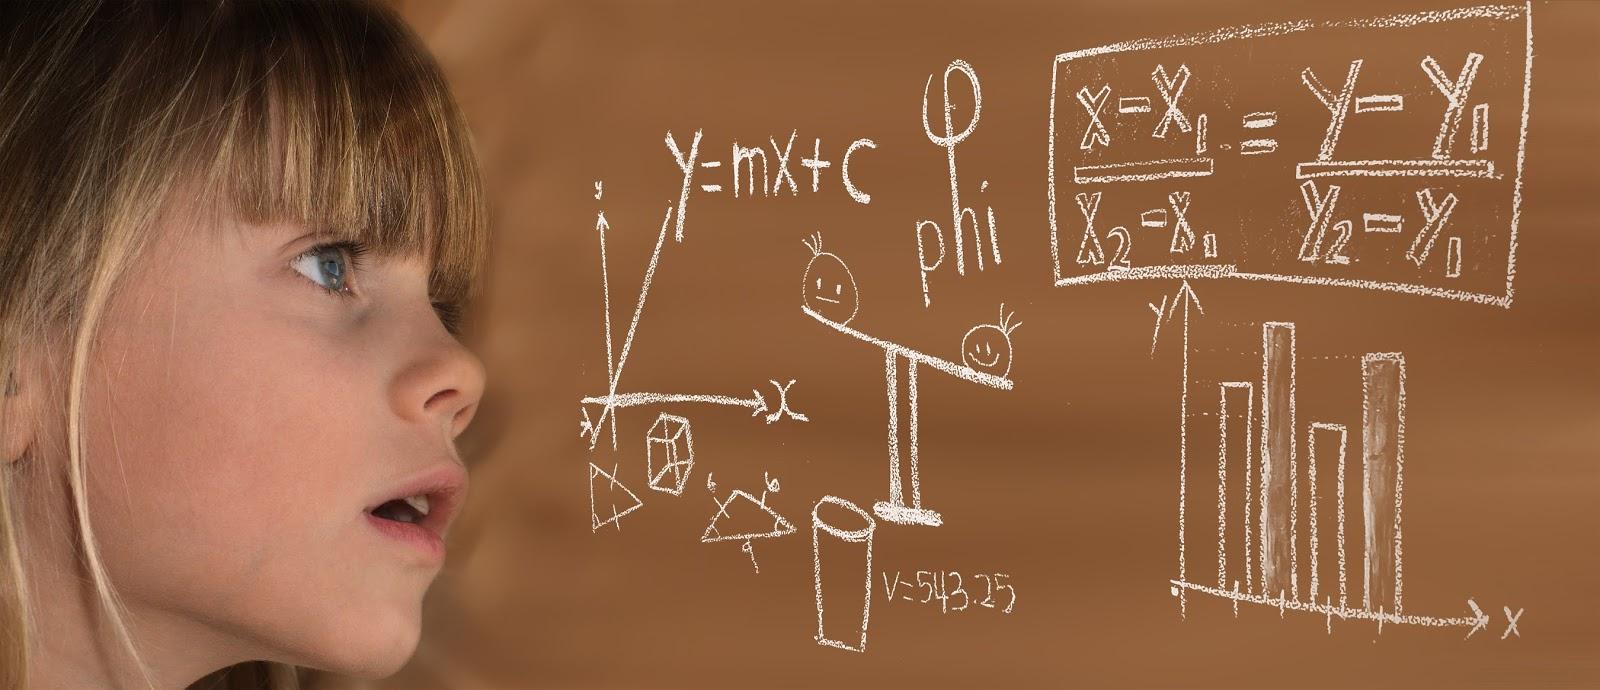 Christa, Salah Satu Pemenang First Class Honour Menjelaskan Kenapa Belajar Matematika